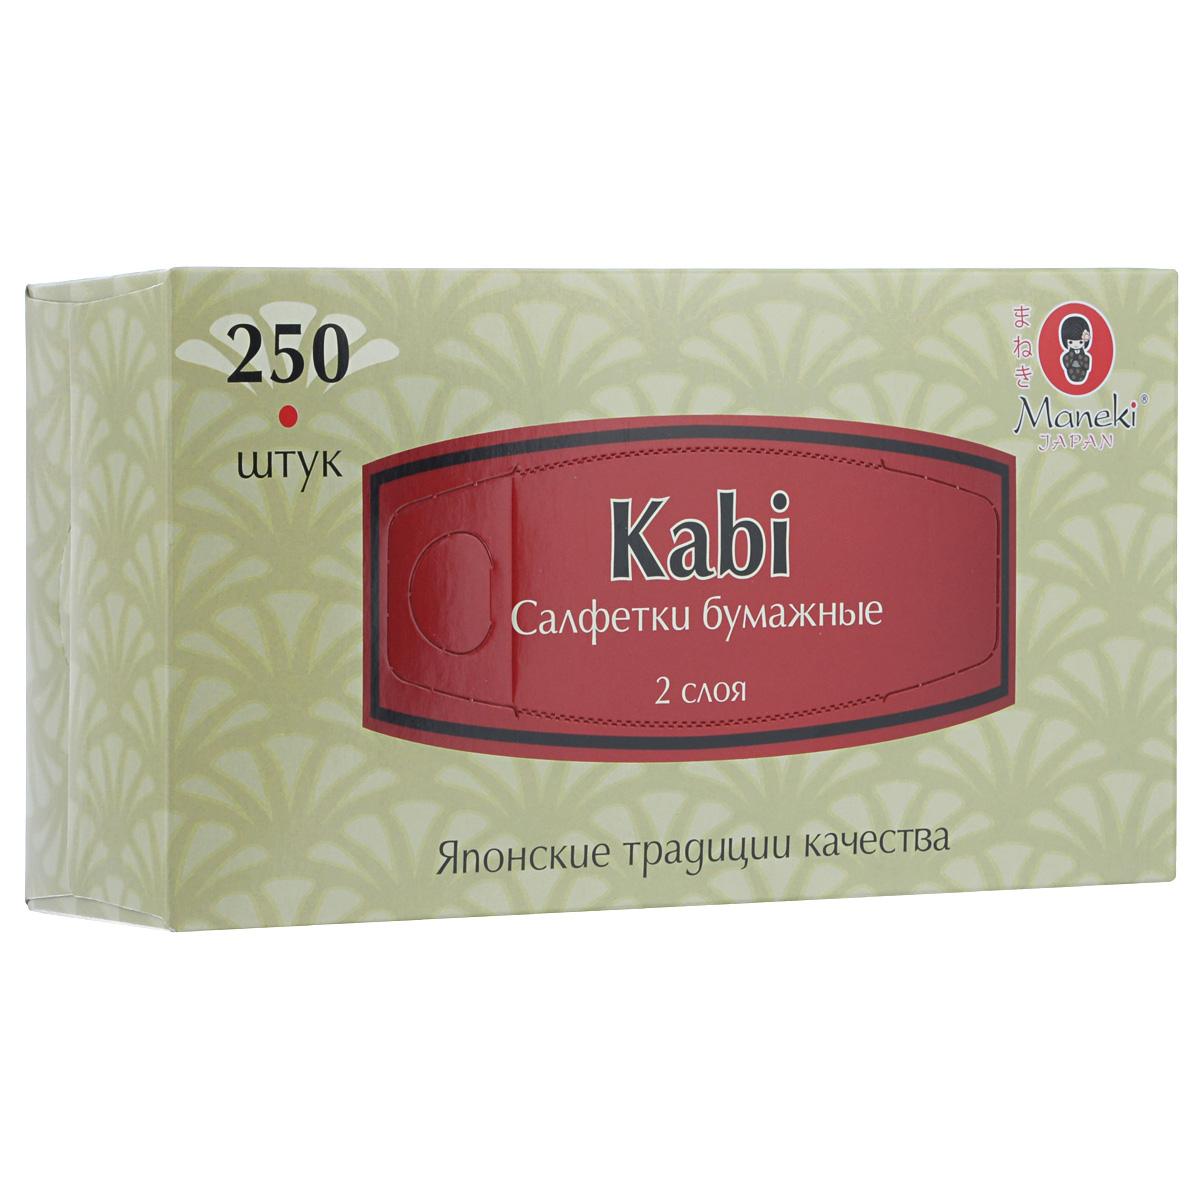 Салфетки бумажные Maneki Kabi, двухслойные, 21 х 19,6 см, 250 шт200067005Универсальные двухслойные салфетки Maneki Kabiвыполнены из высококачественного целлюлозногосырья. Салфетки подходят для косметического,санитарно-гигиенического и хозяйственногоназначения. Изделия обладают хорошимивпитывающими свойствами. Салфетки имеют мягкуюи нежную текстуру. При извлечении из коробкисалфетки не рвутся.Размер салфеток: 21 х 19,6 см.